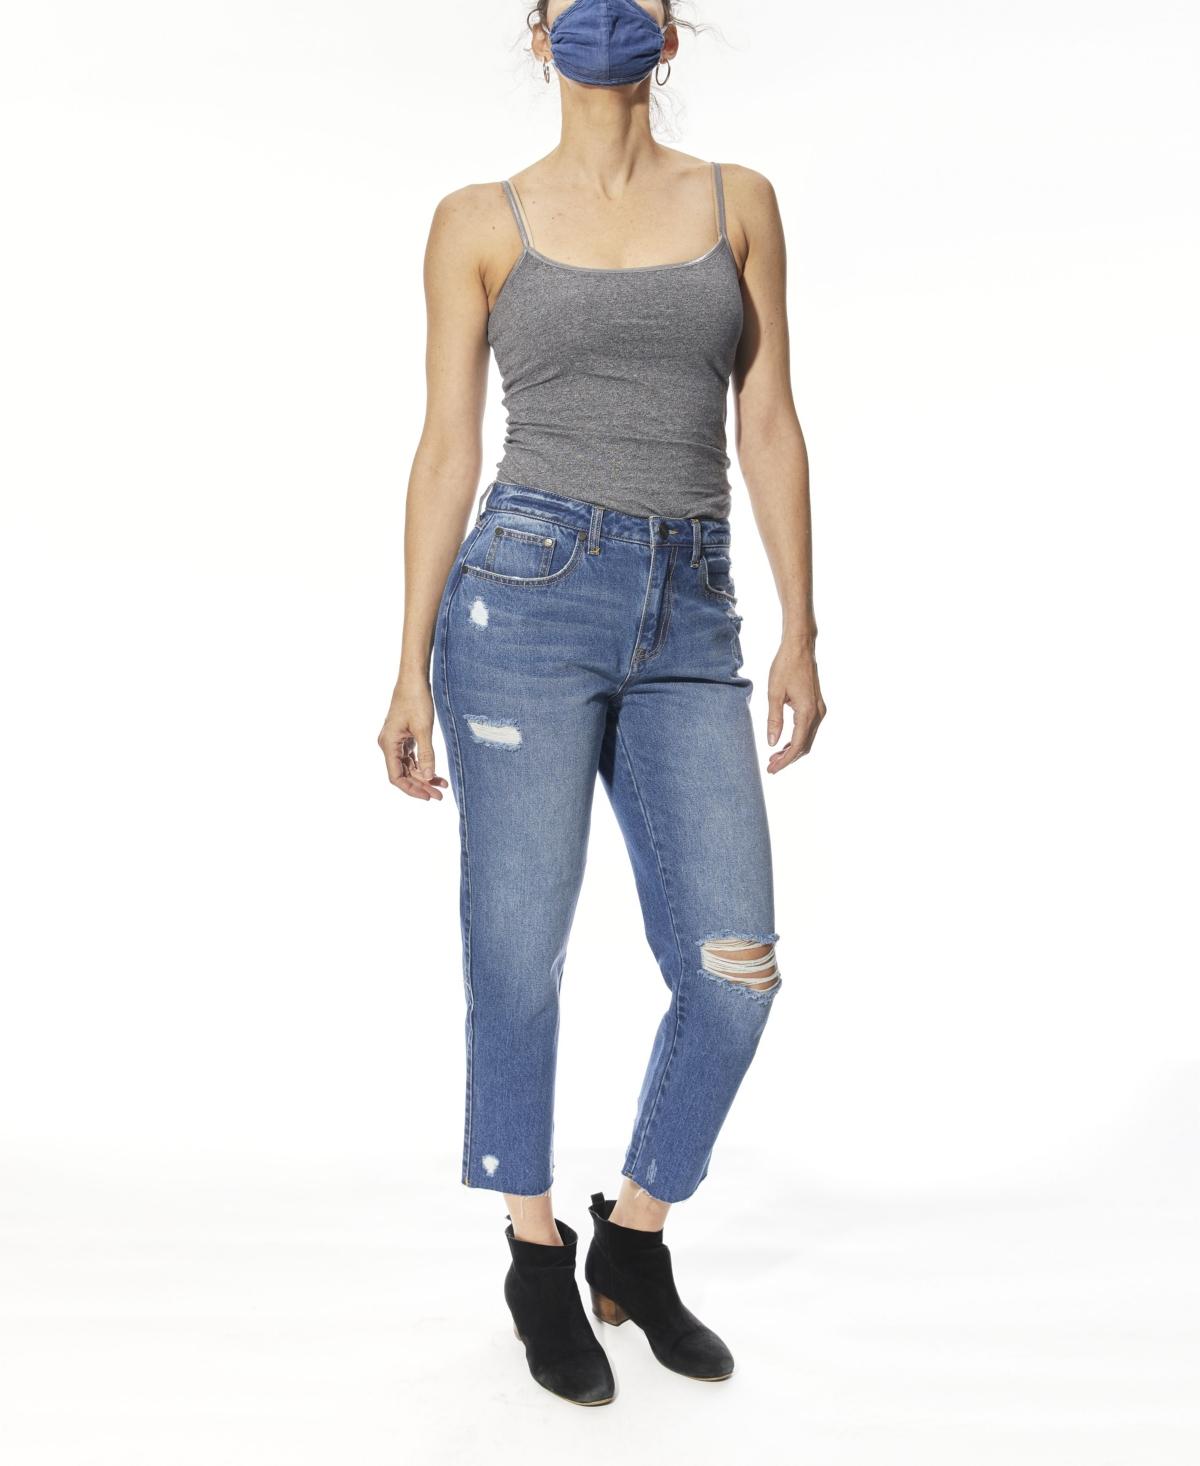 Women's High Rise Boyfriend Jeans